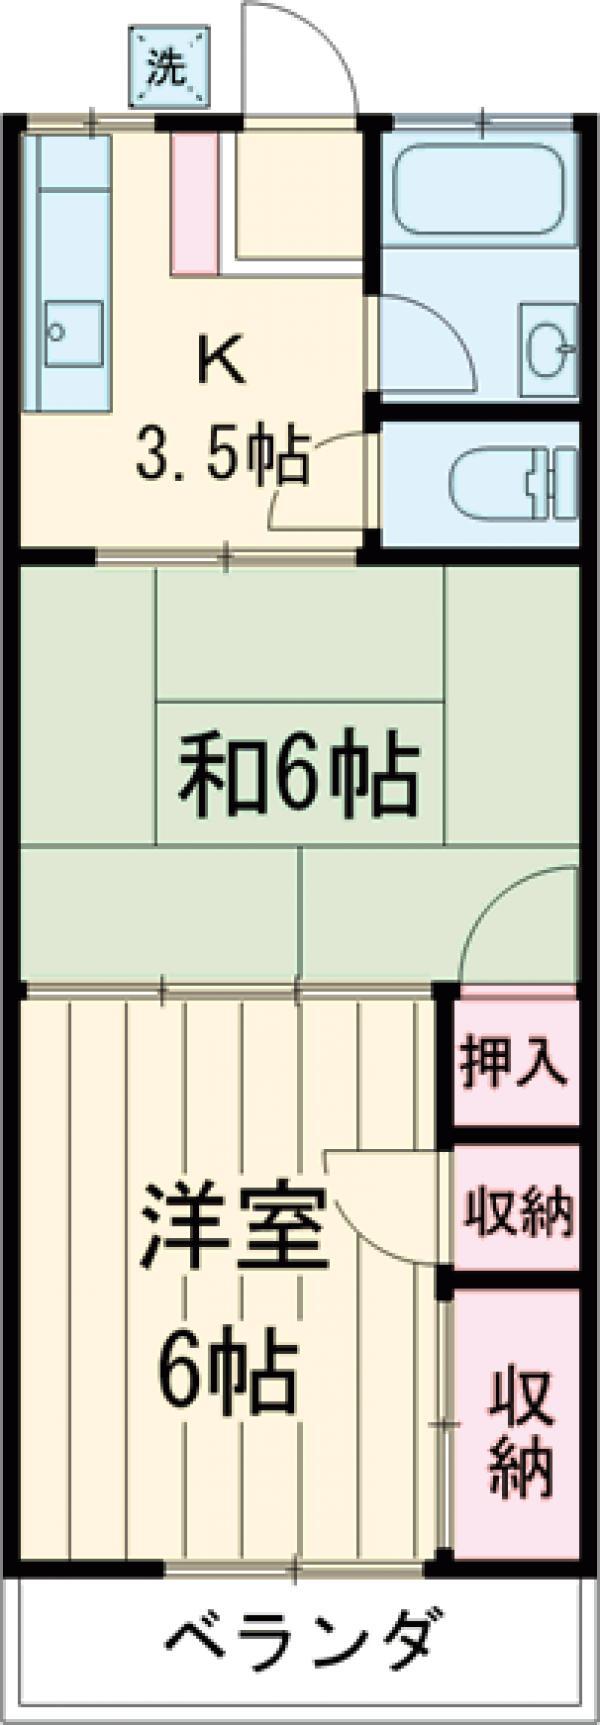 雅風荘 206号室の間取り